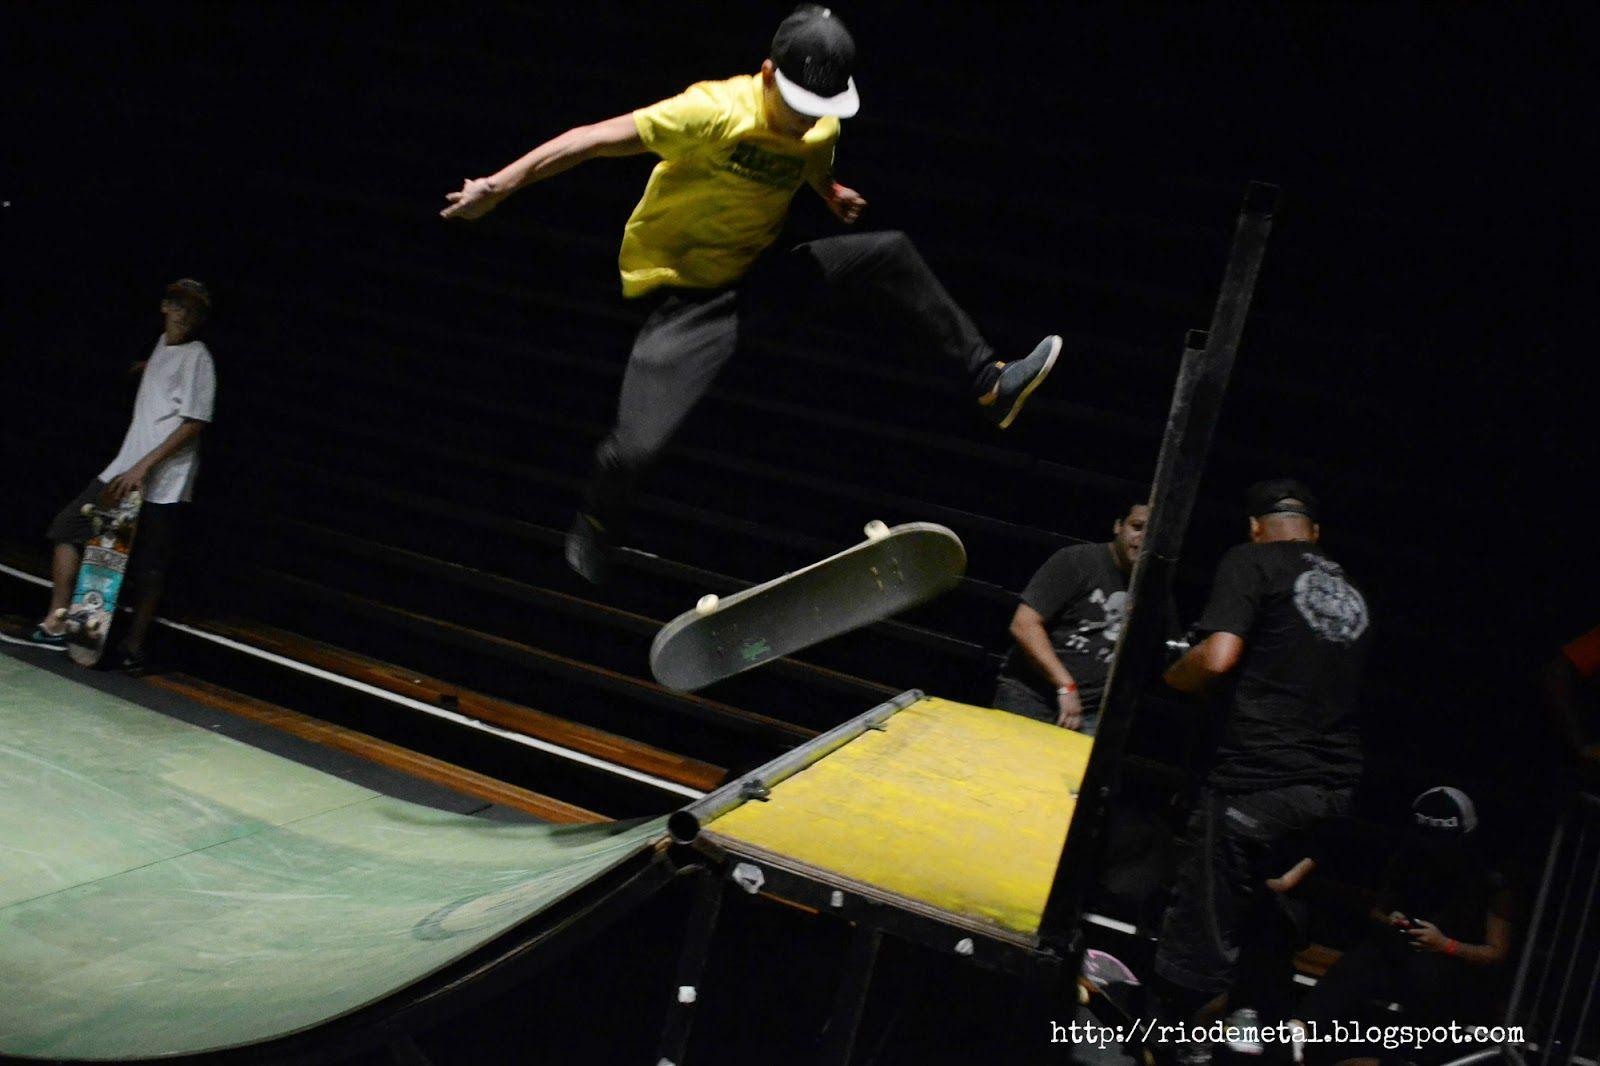 Evento Rio Novo Rock, no Centro Cultural João Nogueira, A.K.A. Imperator! :D Sempre rola uma pista de skate no fundo do auditório.